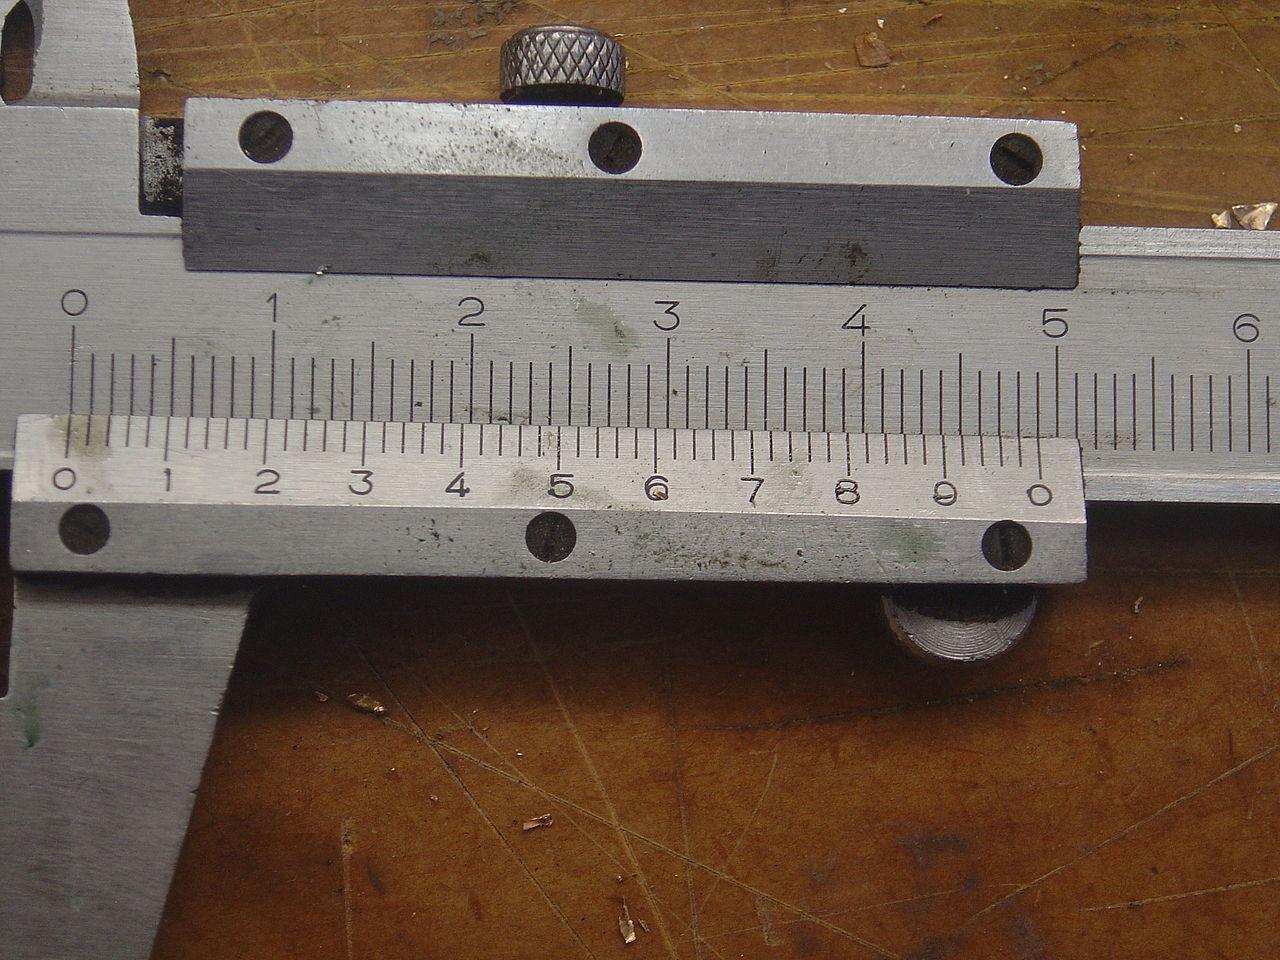 File Scale On Vernier Caliper Dsc